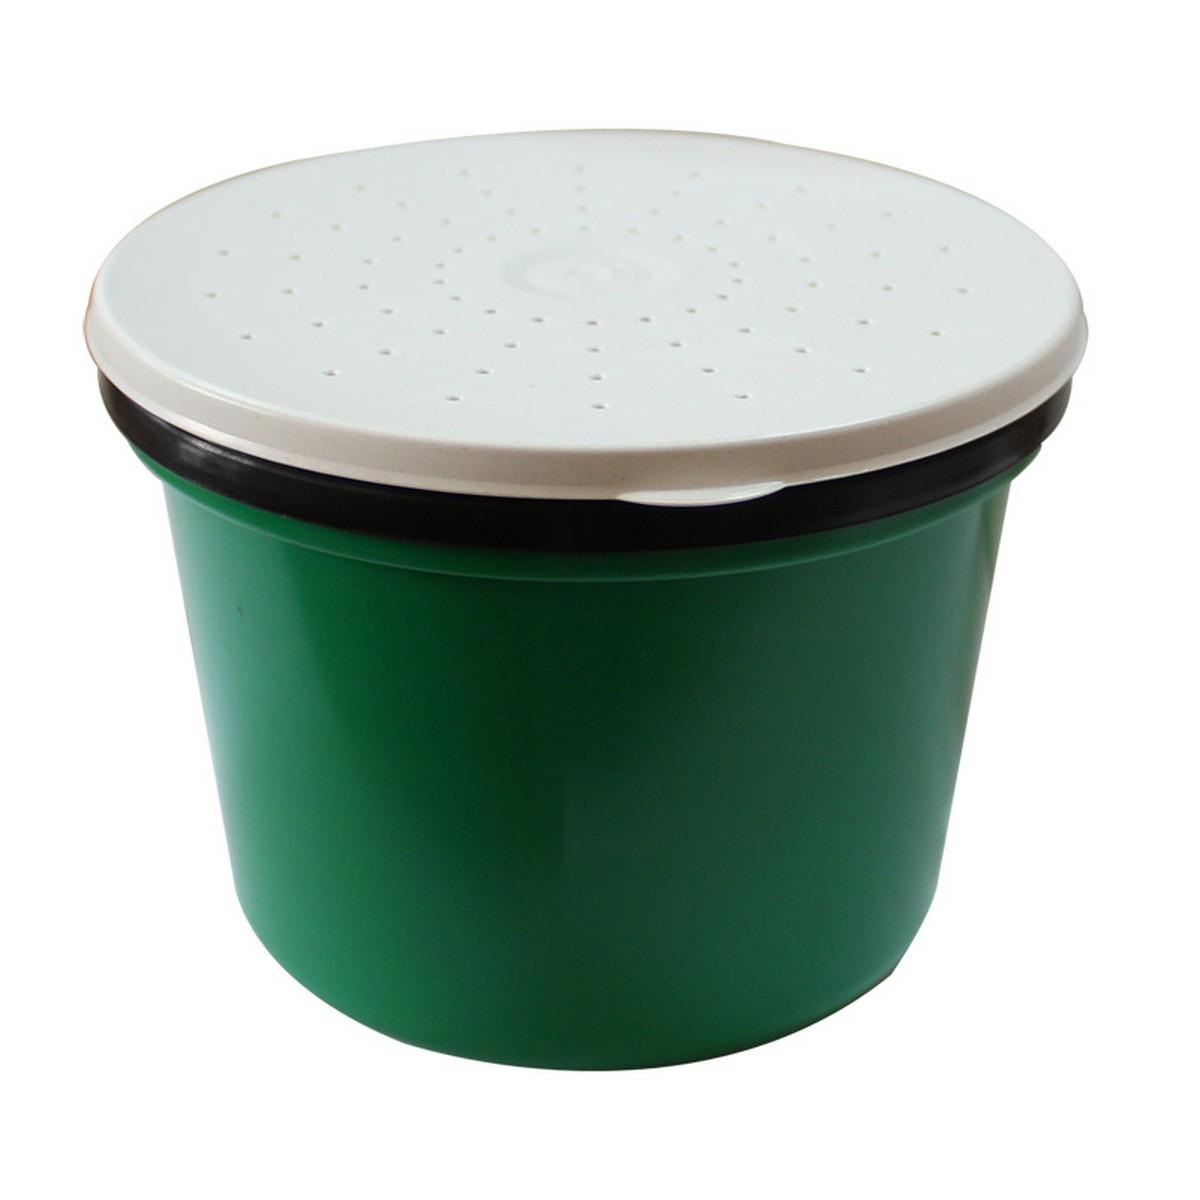 Кутия AN за стръв кръгла 0.7lt - 3800